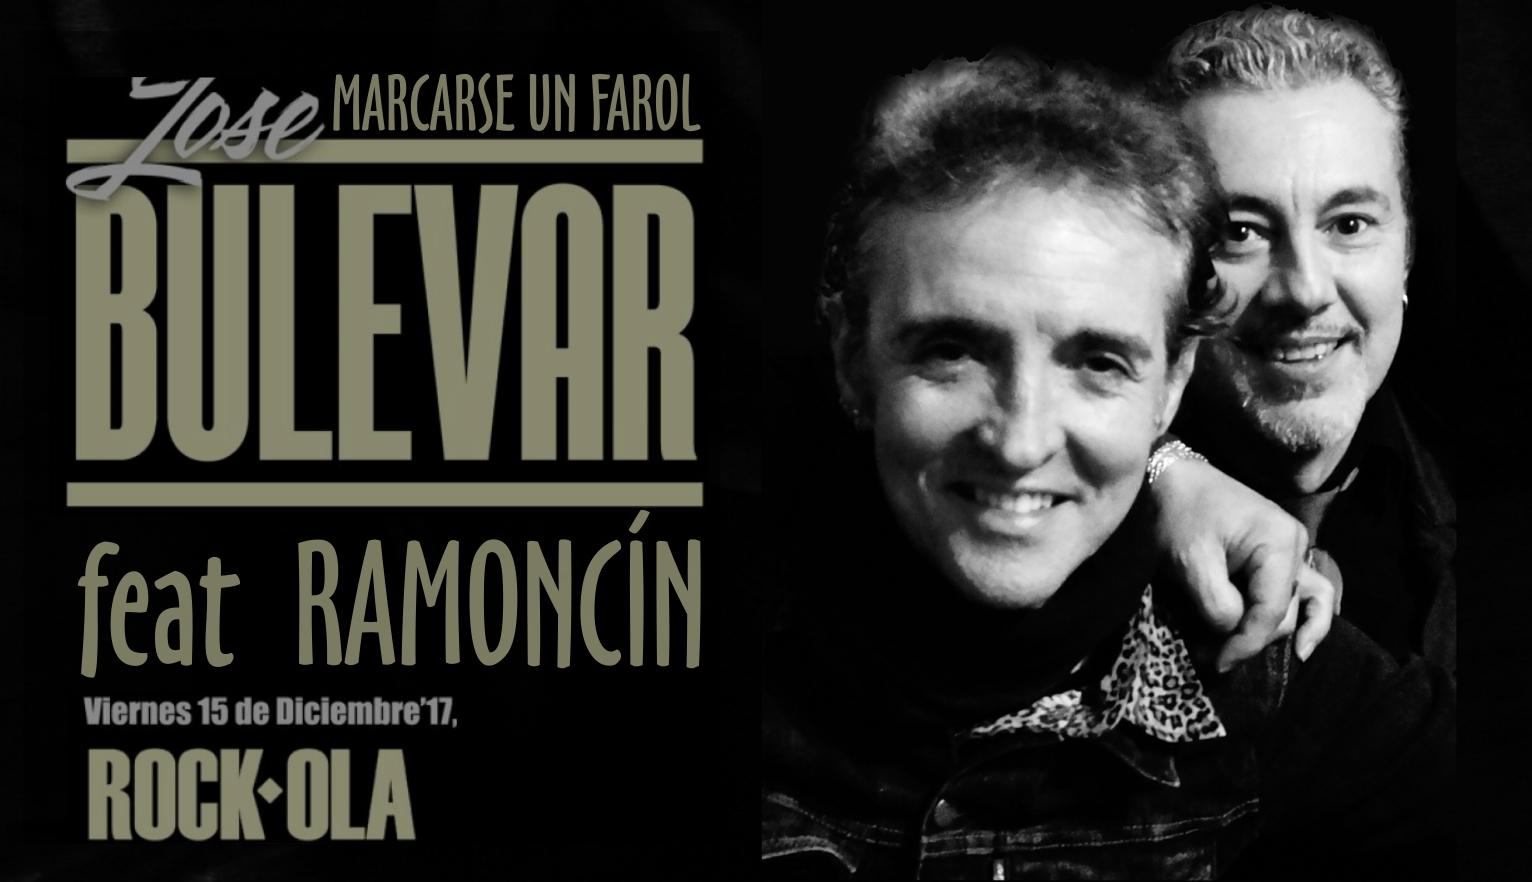 Cantantes de rock español, Ramoncín y Jose Bulevar